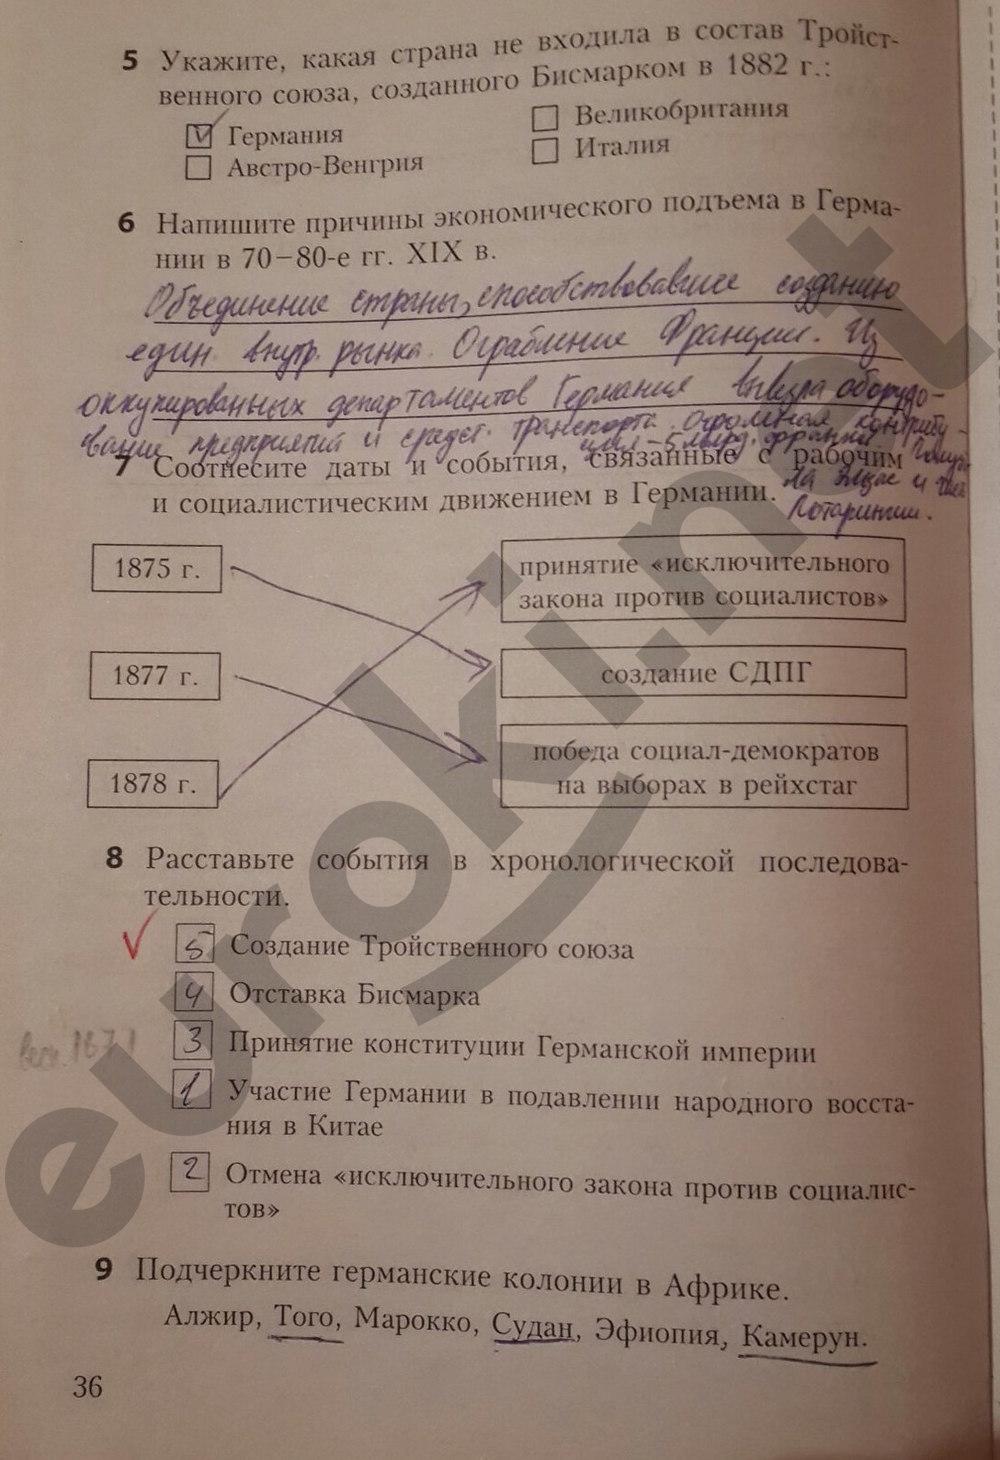 гдз история россии 8 класс рабочая тетрадь репин